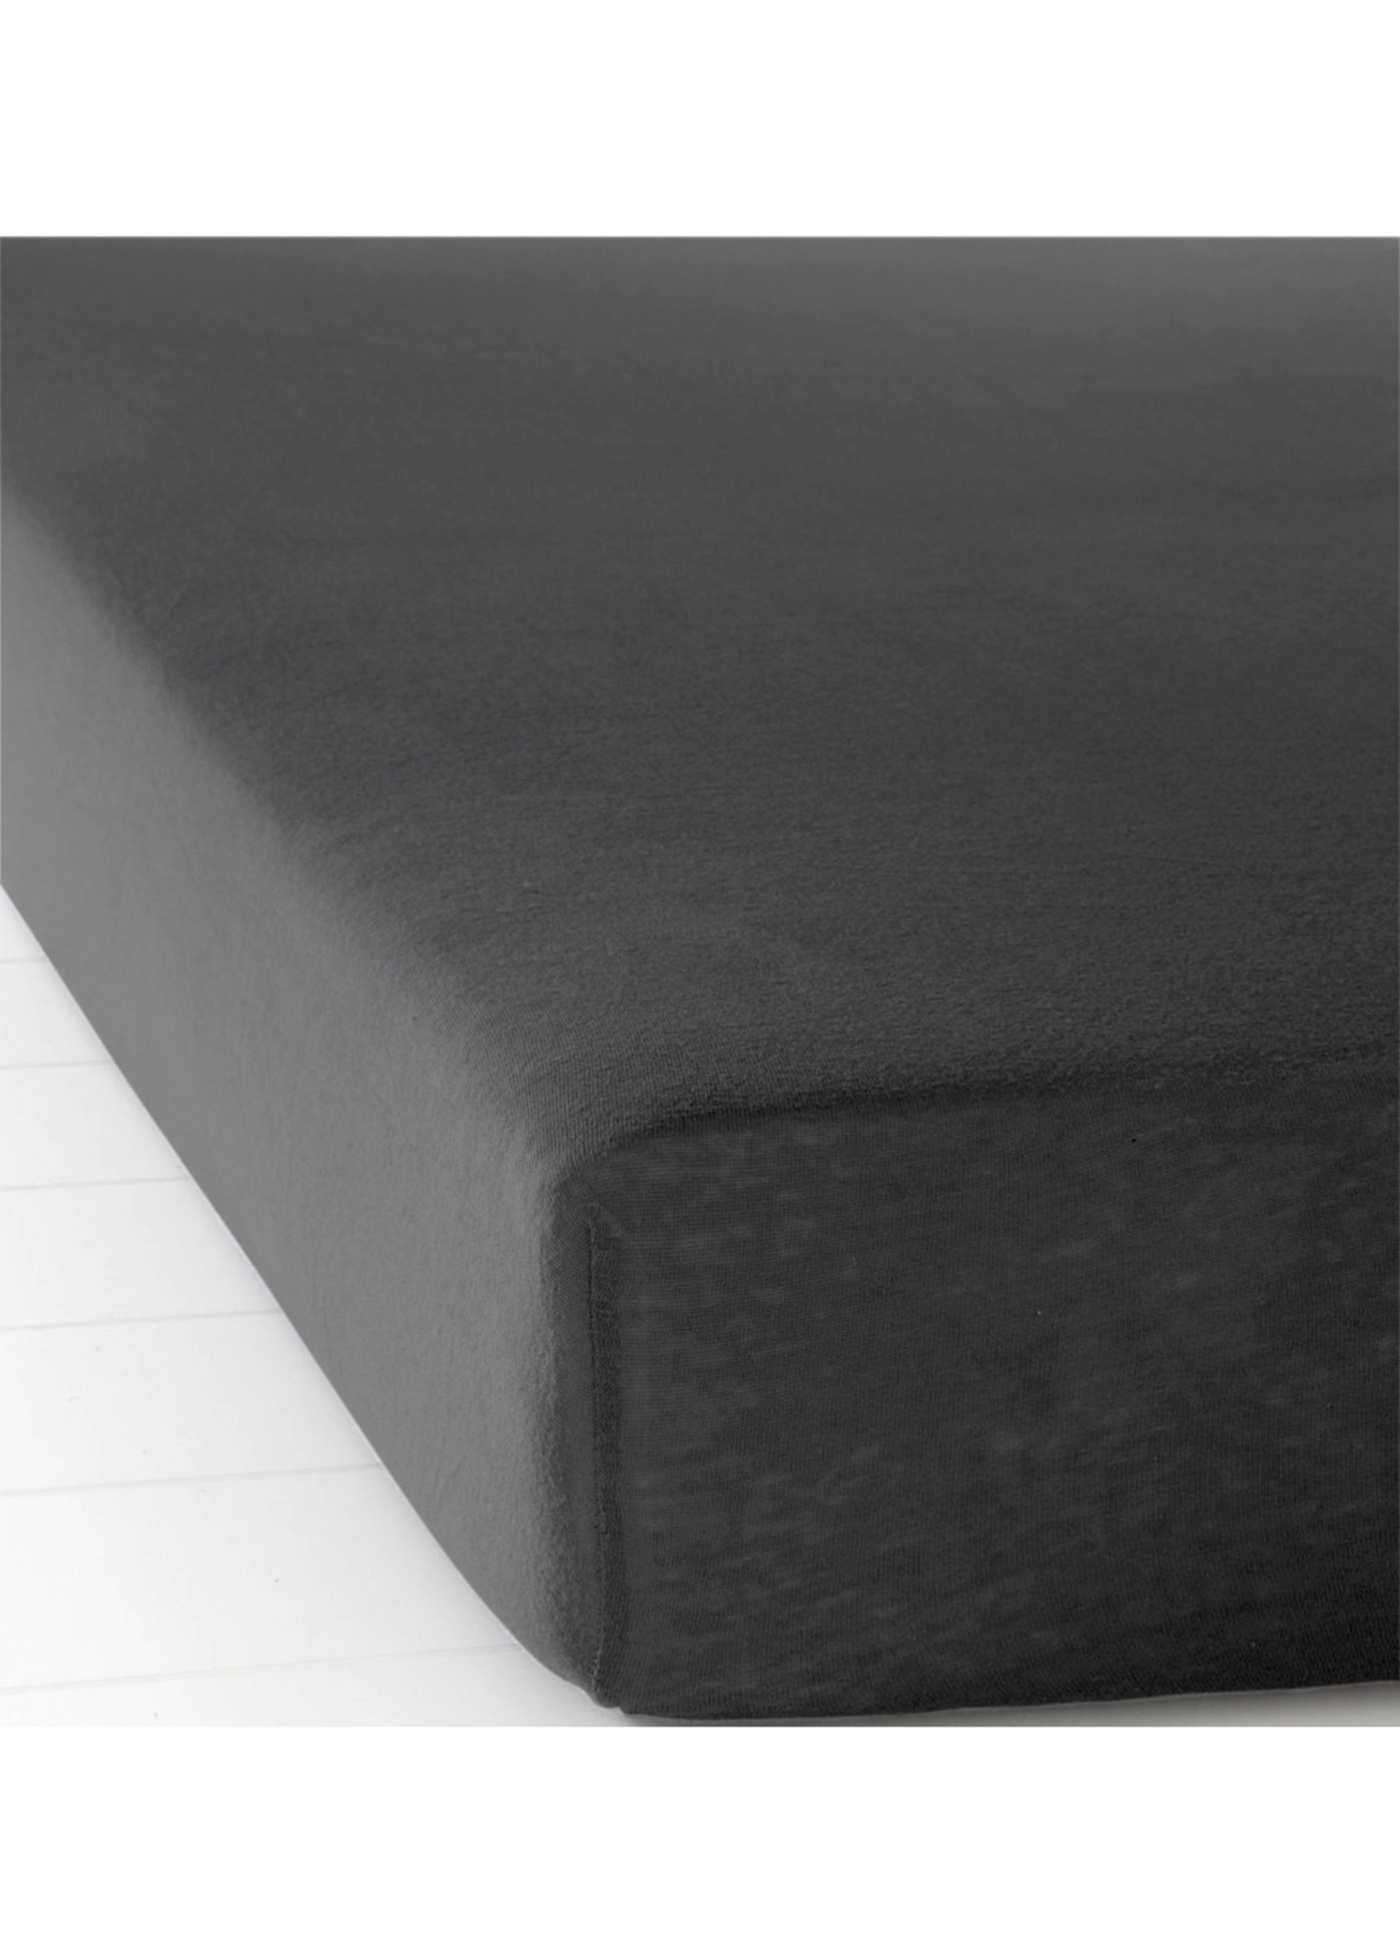 Jersey Spannbettlaken in schwarz von bonprix